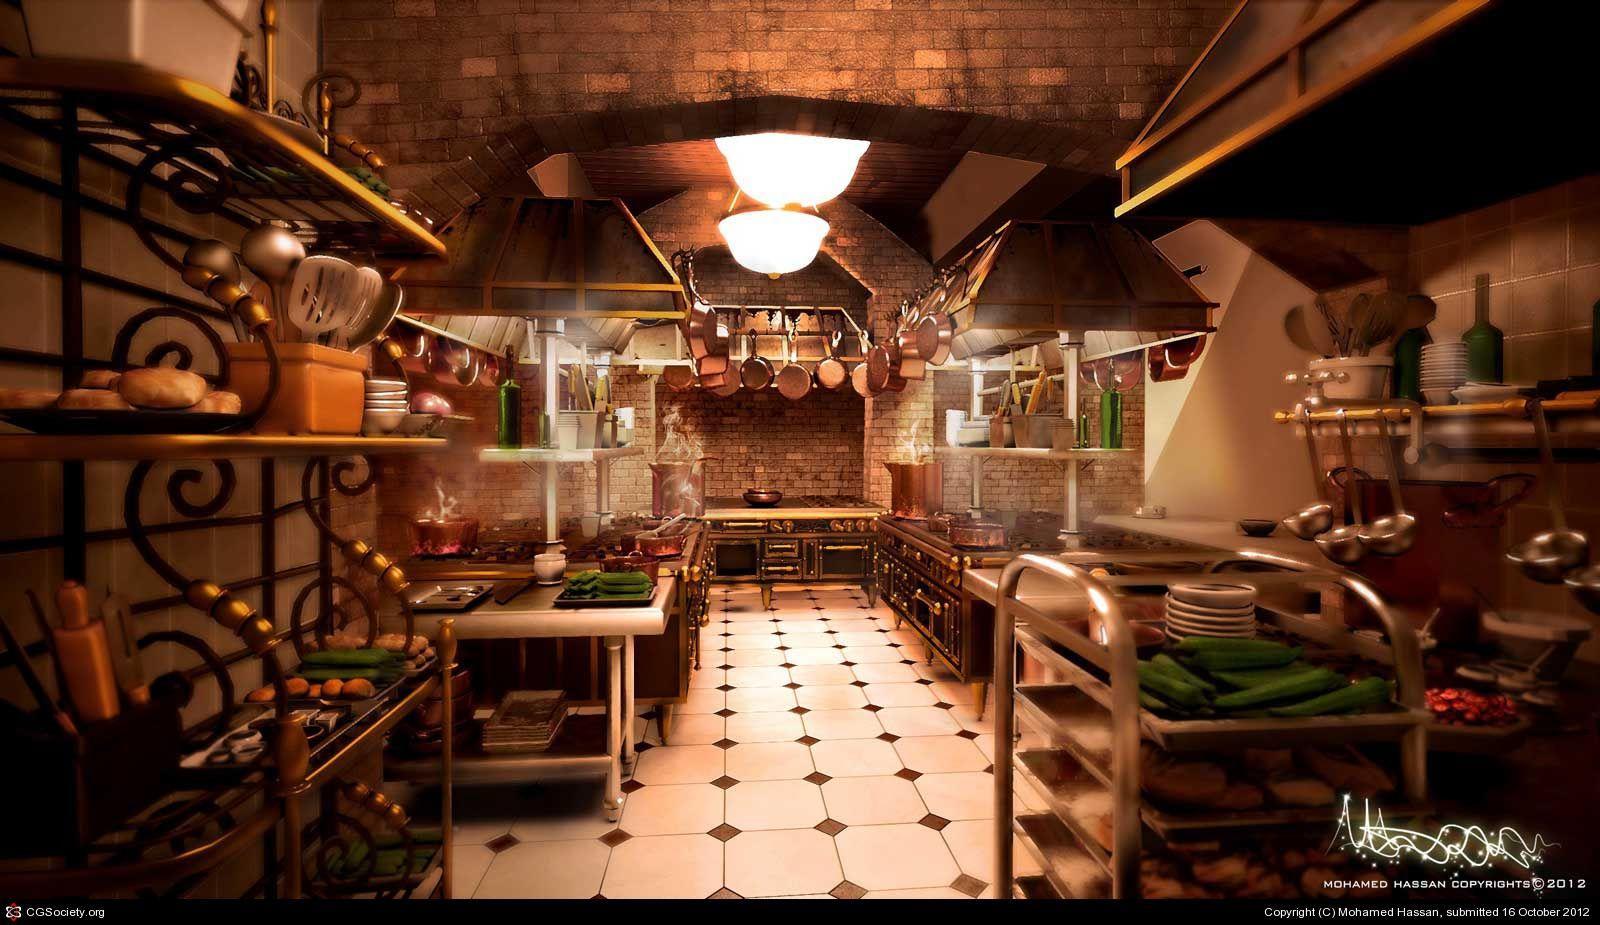 Ratatouille Kitchen By Mohamed Hassan Ratatouille Ratatouille Disney Film Concept